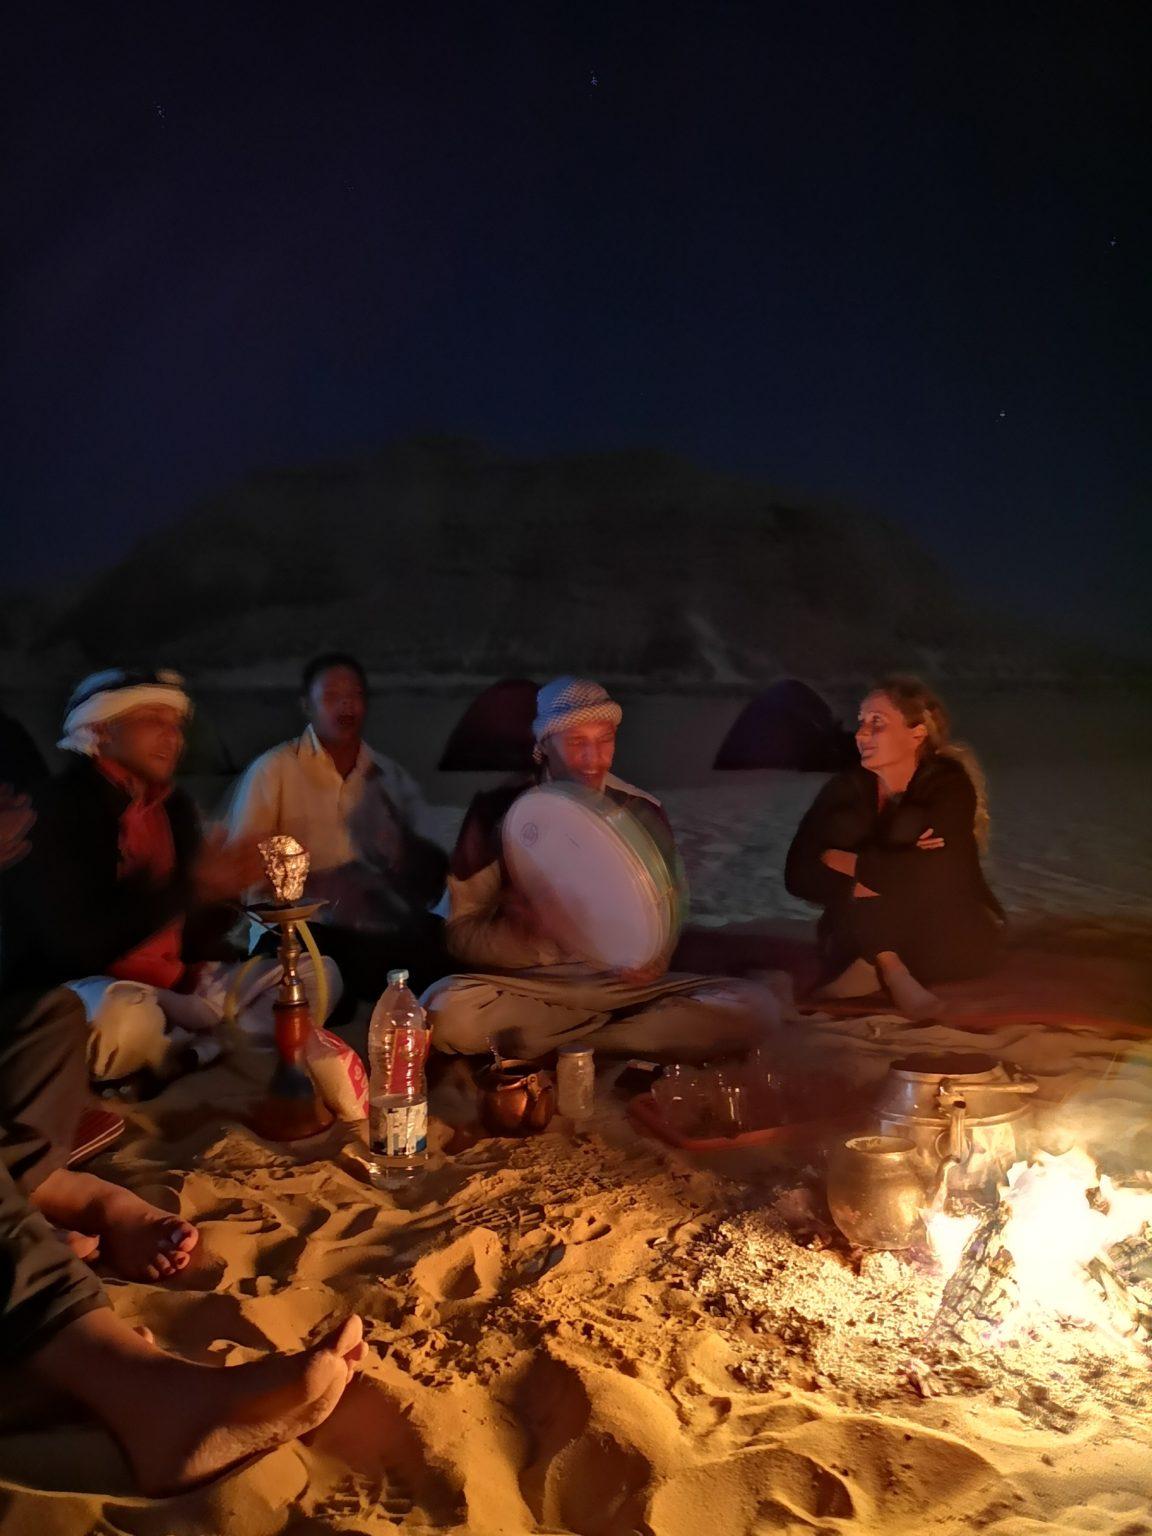 les nuits dans le désert : feu, musique et chants